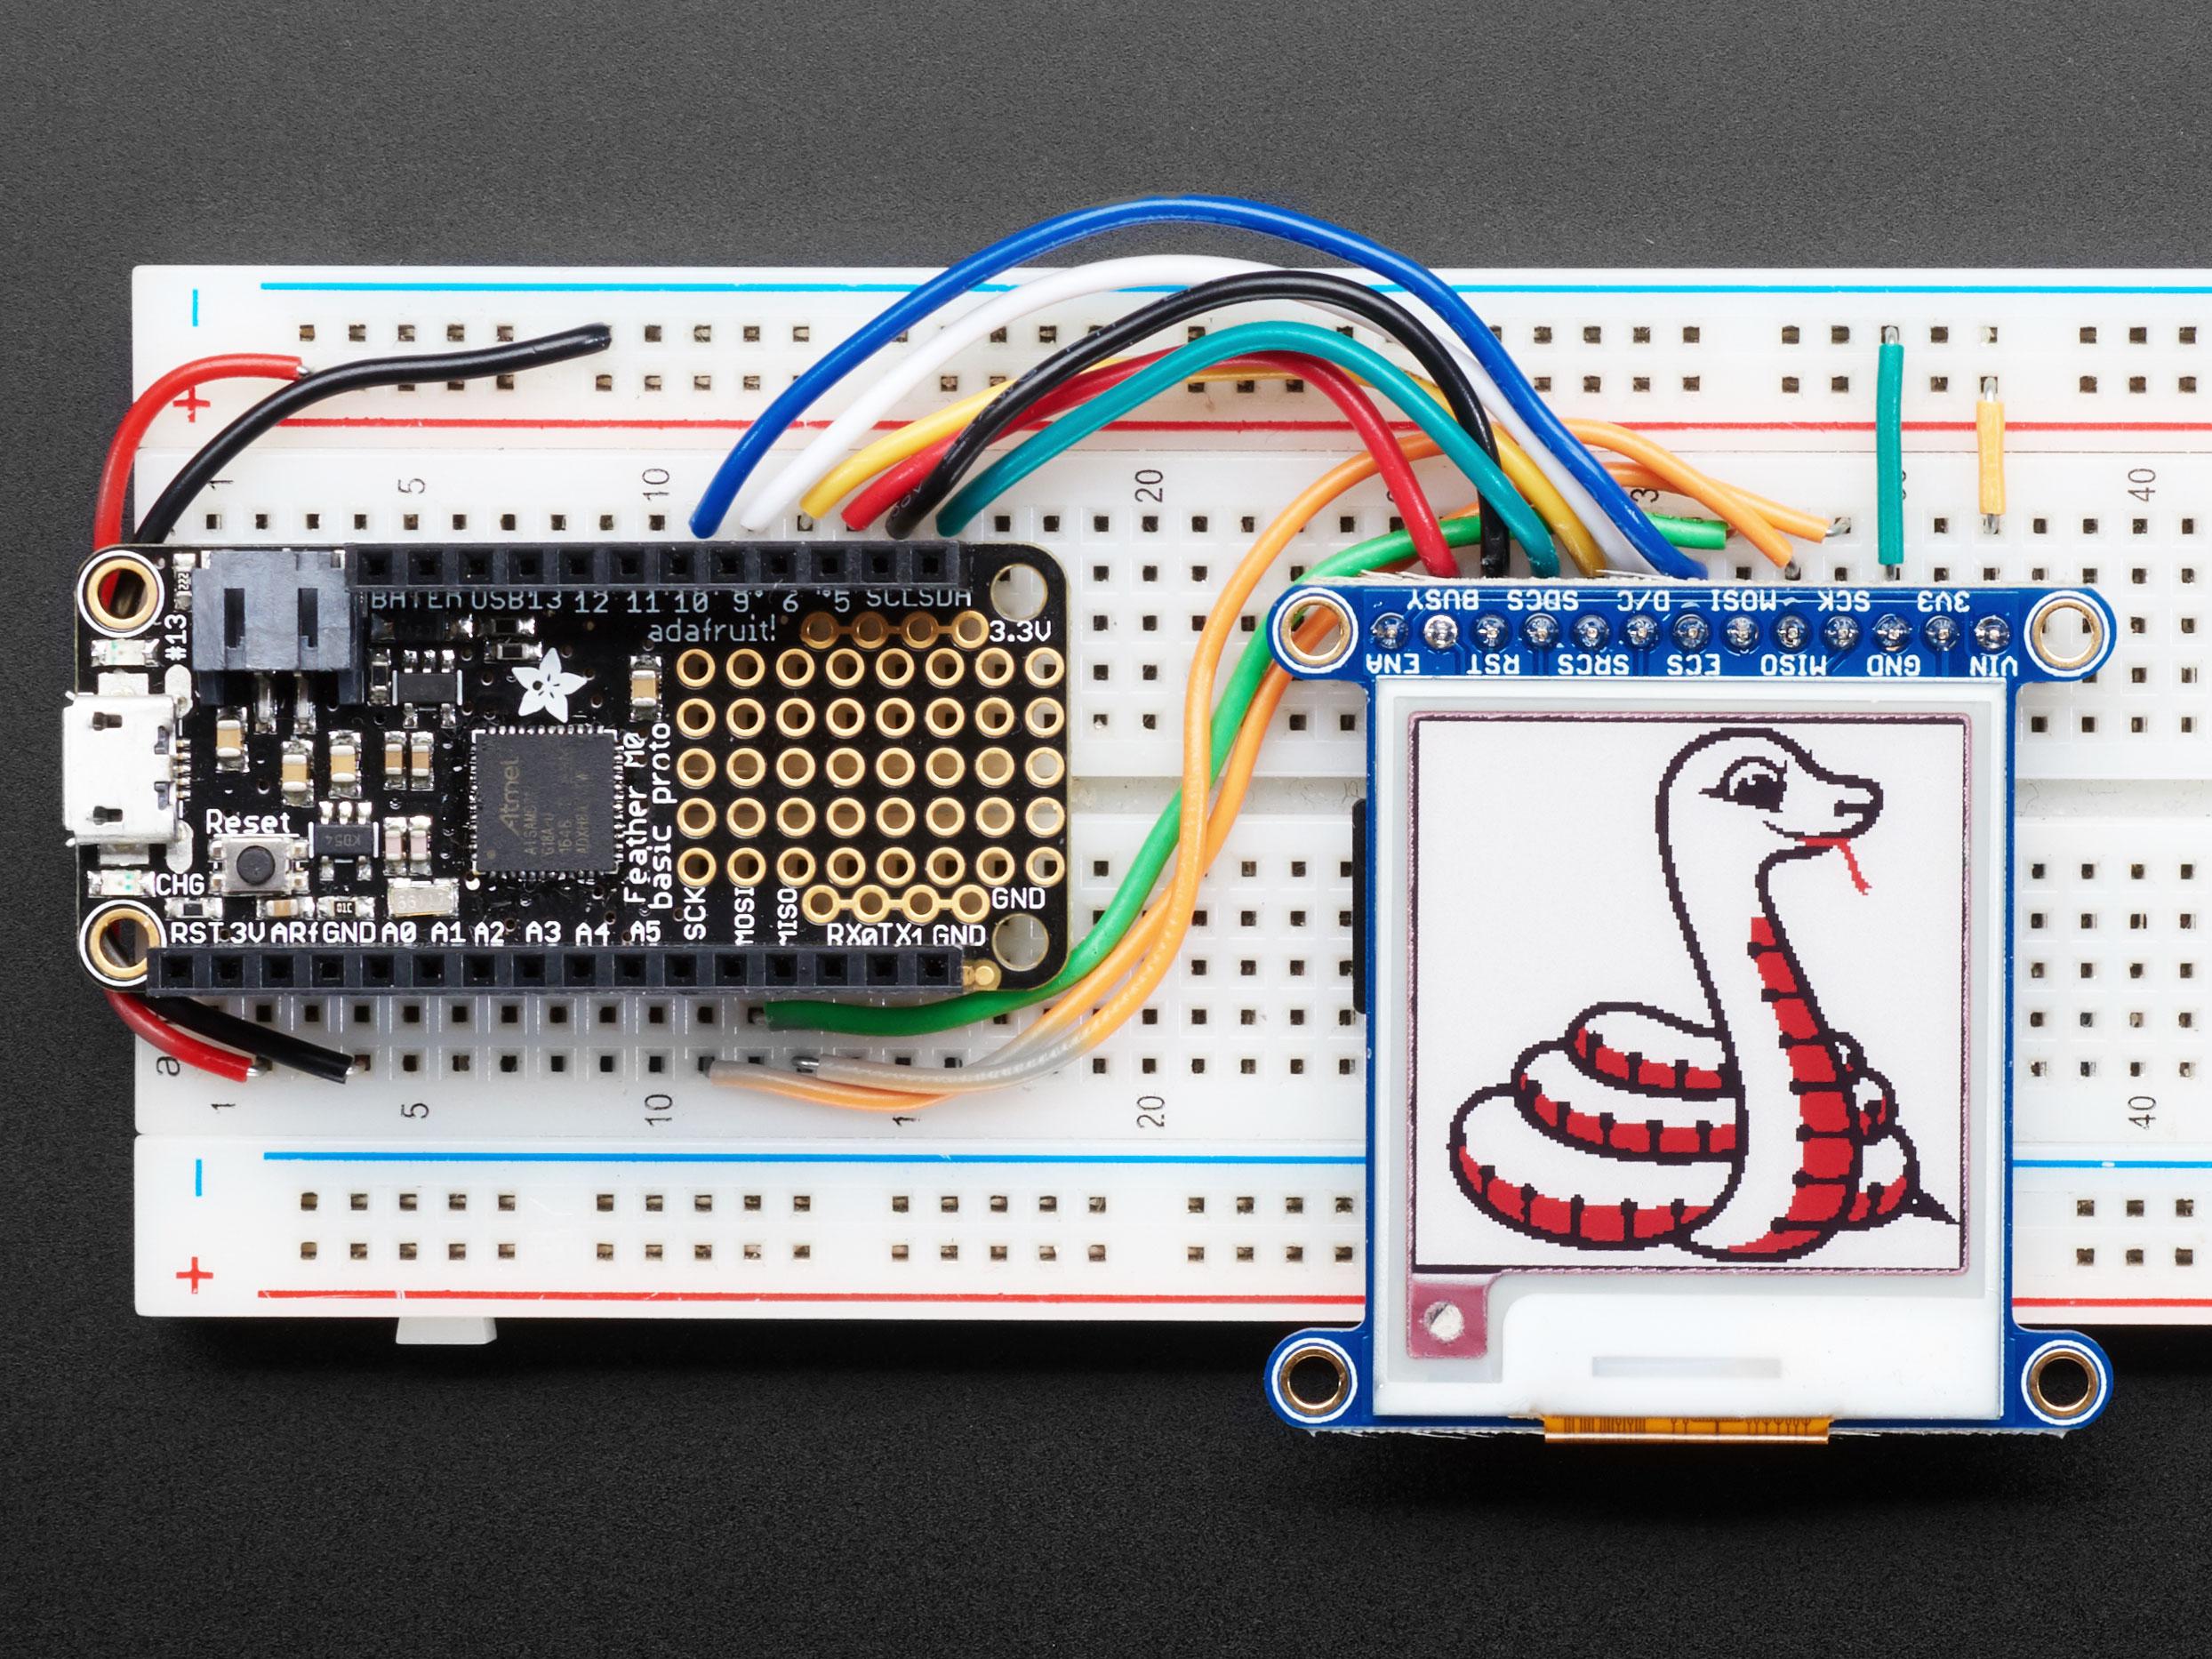 adafruit_products_demo.jpg